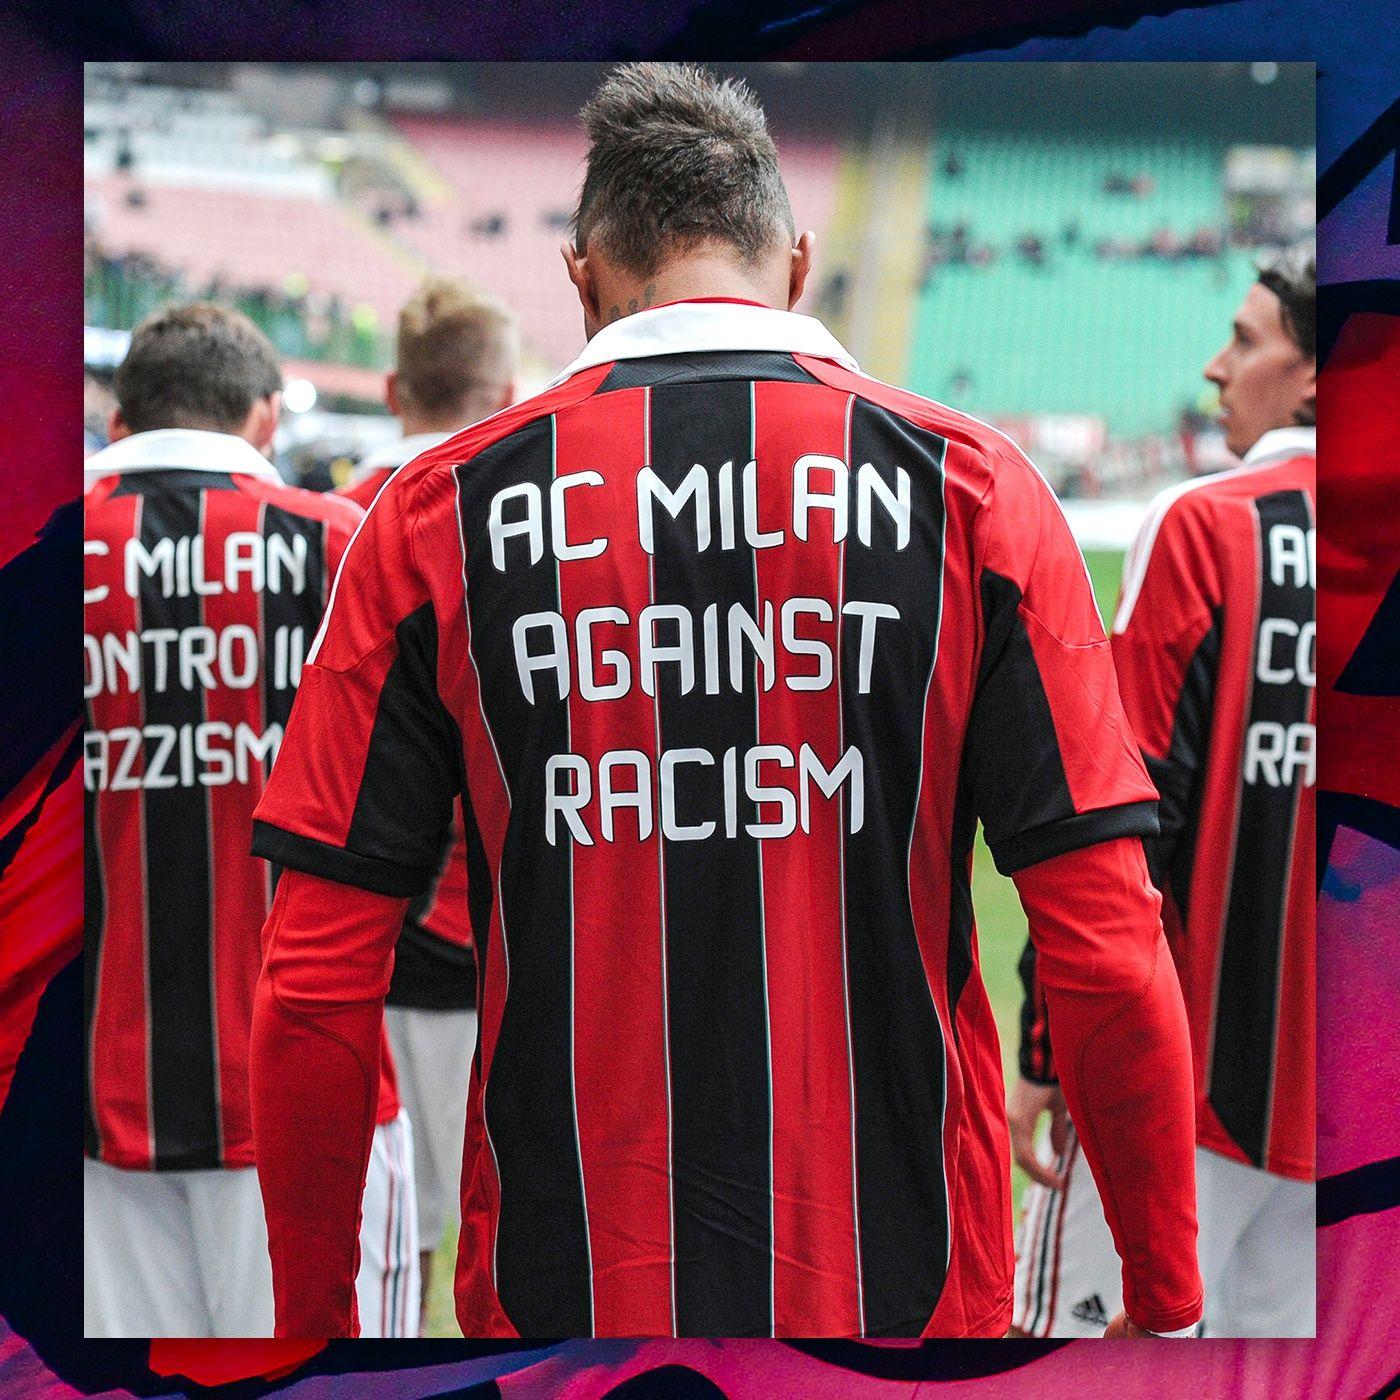 Racism no way